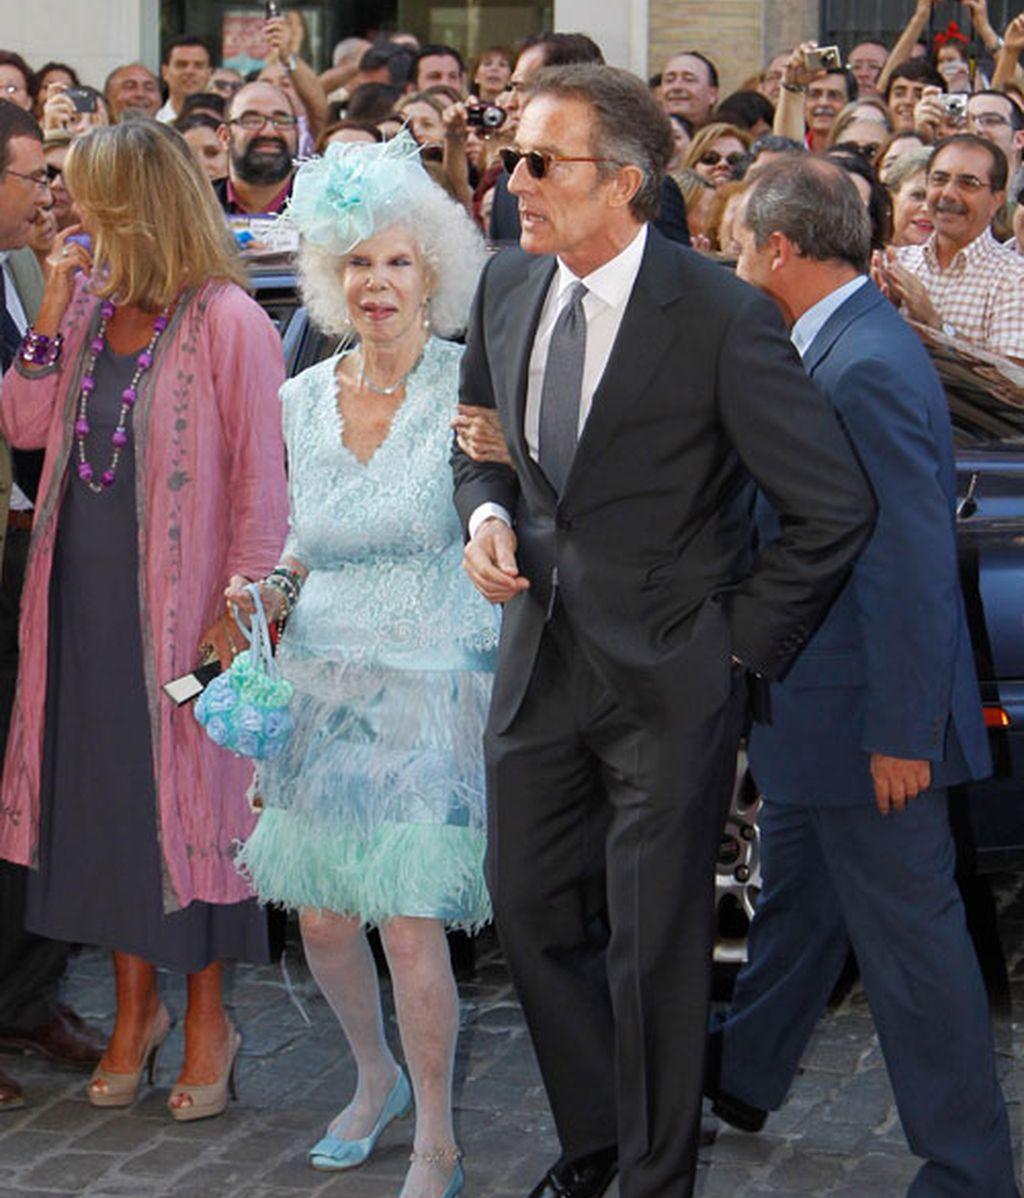 La Duquesa de Alba vuelve a ir de boda con Alfonso Díez